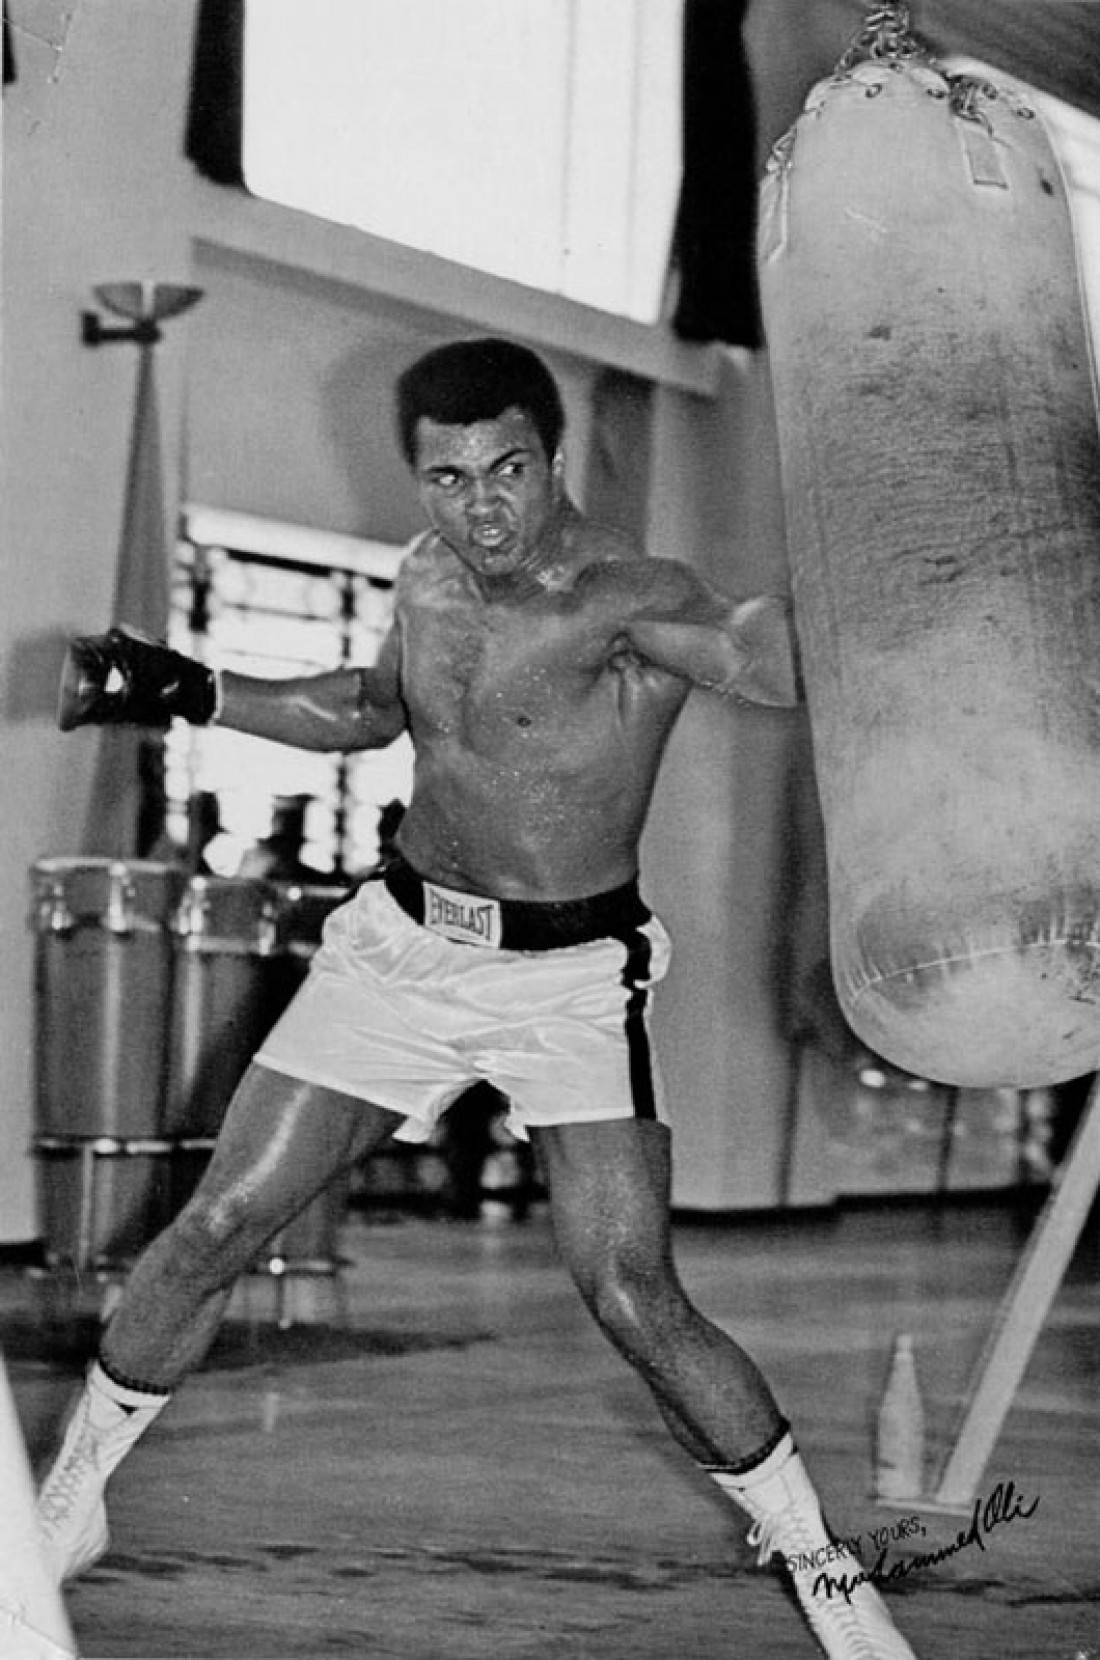 Утренний бокс - лучший способ размять мышцы